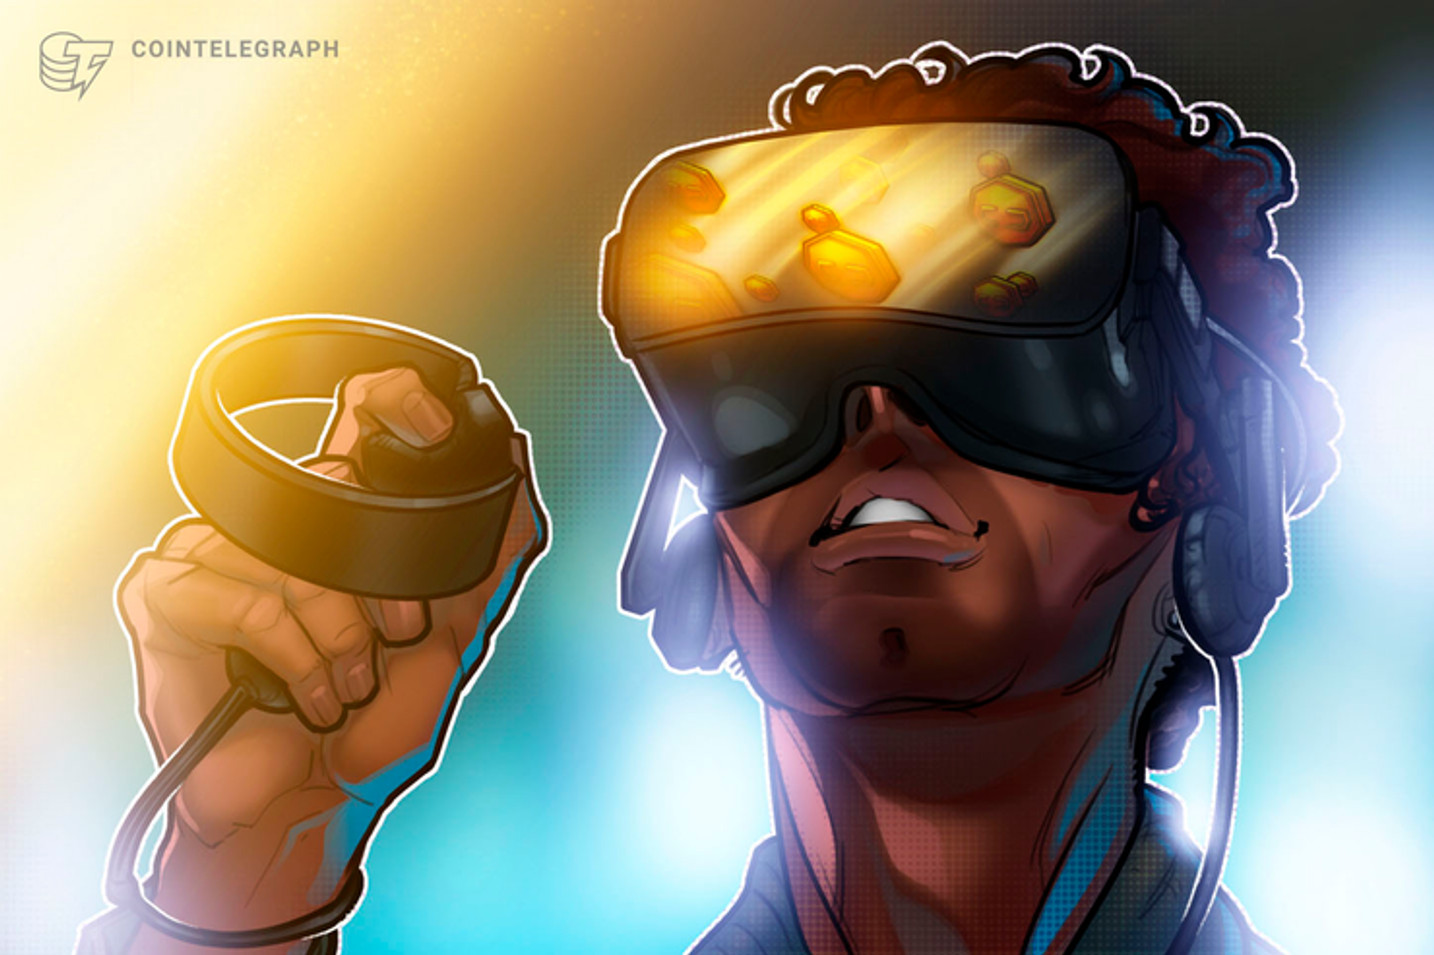 Los videojuegos son clave para la adopción masiva de las criptomonedas